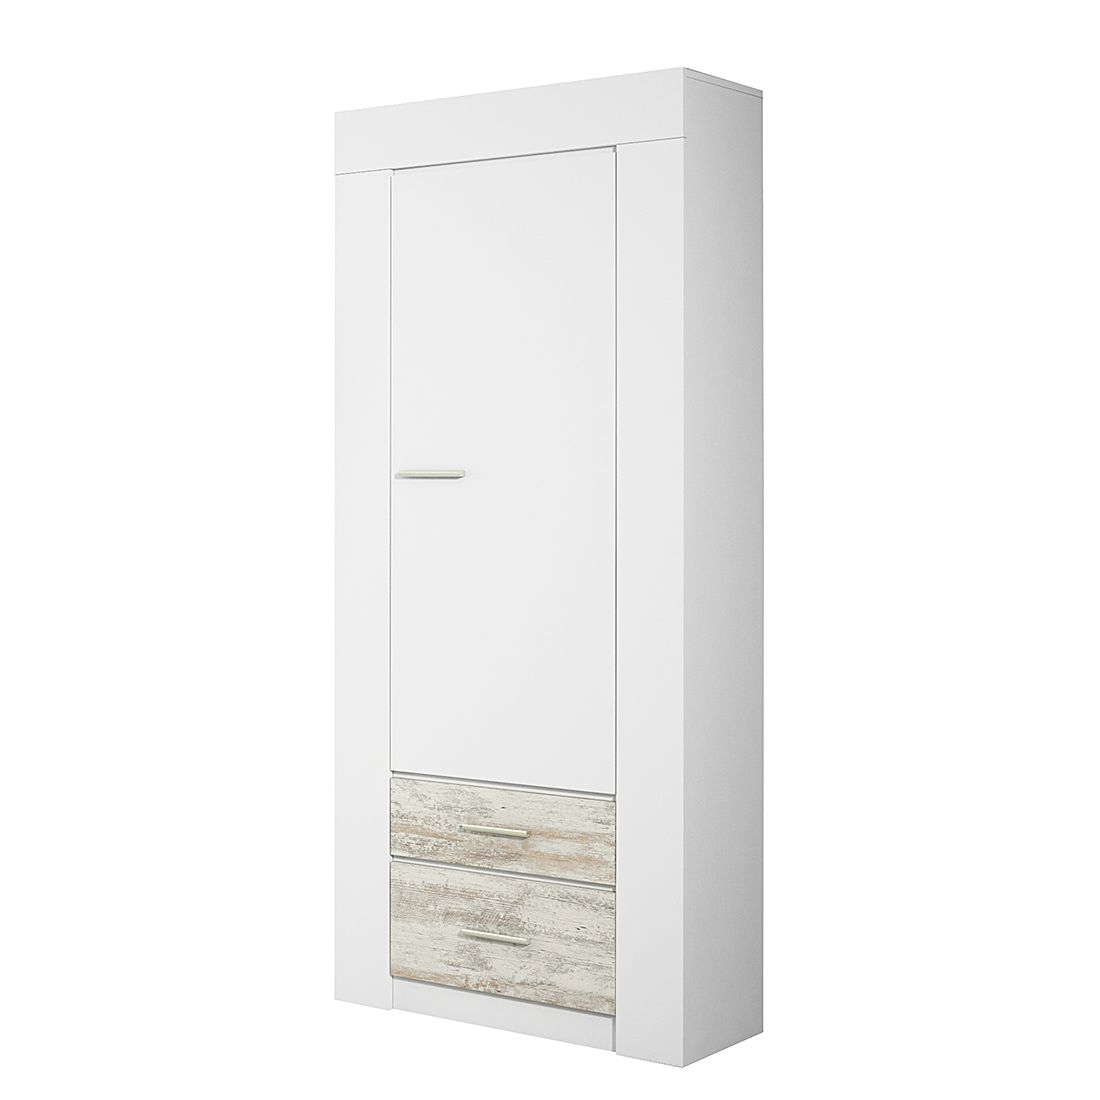 Schrank Cast II – Weiß/White Kiefer Dekor, Modoform jetzt kaufen